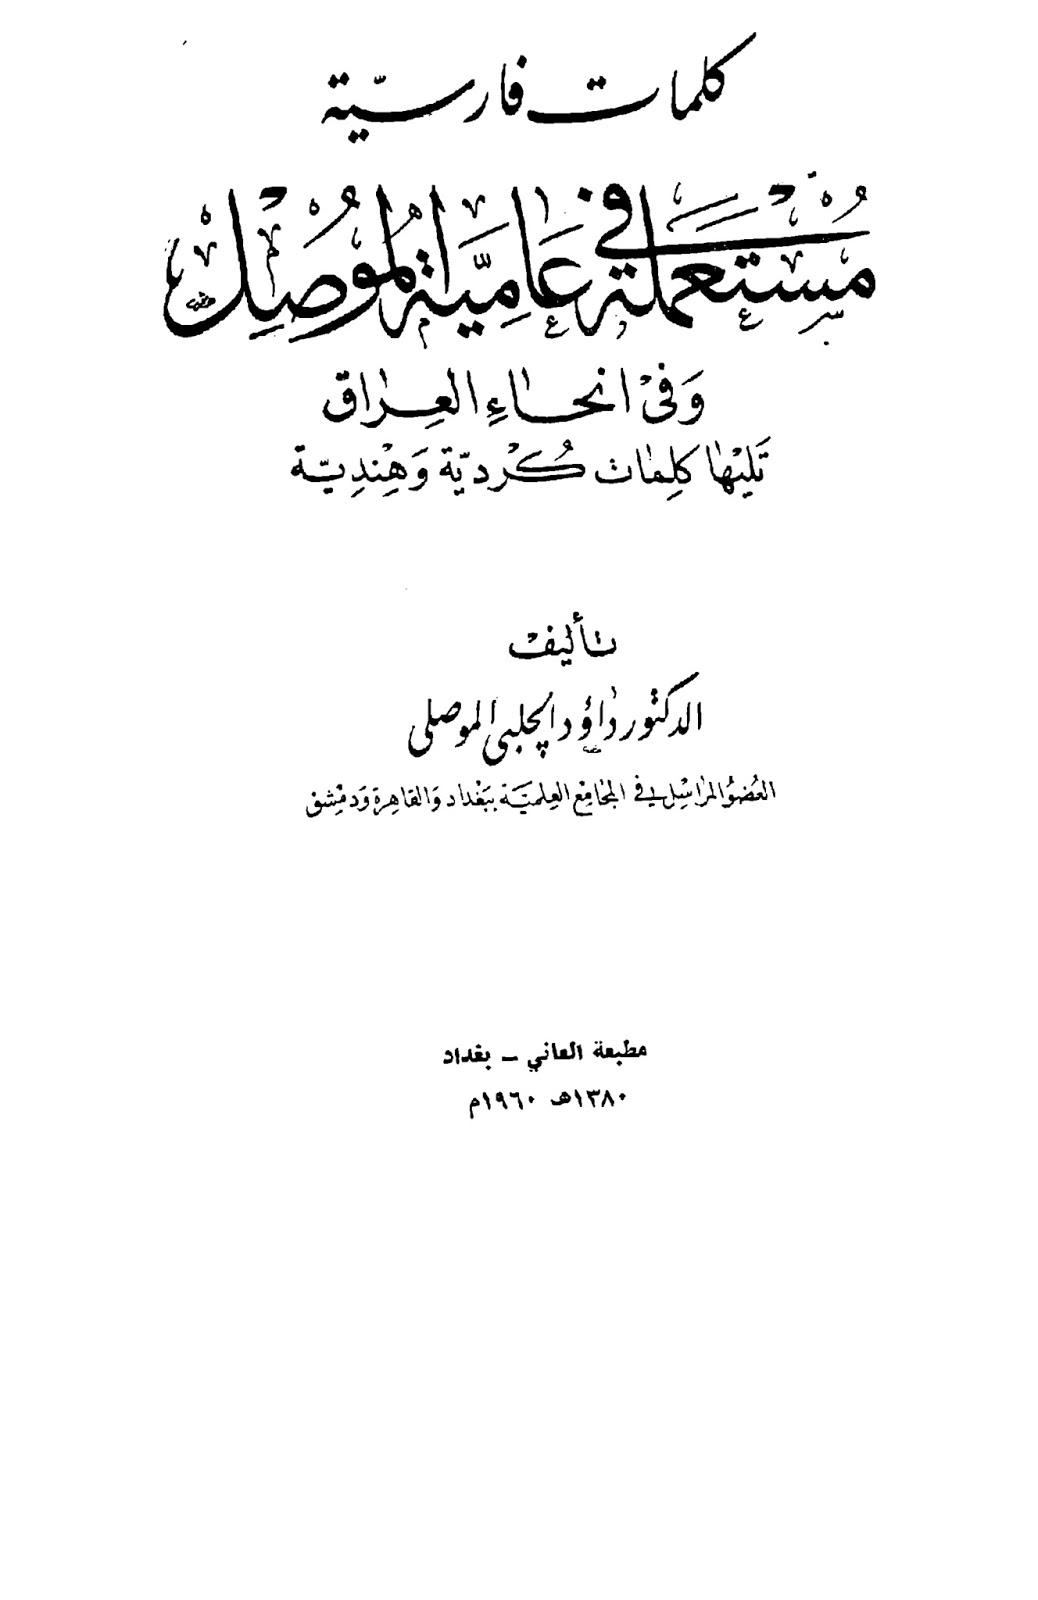 كلمات فارسية مستعملة عامية الموصل